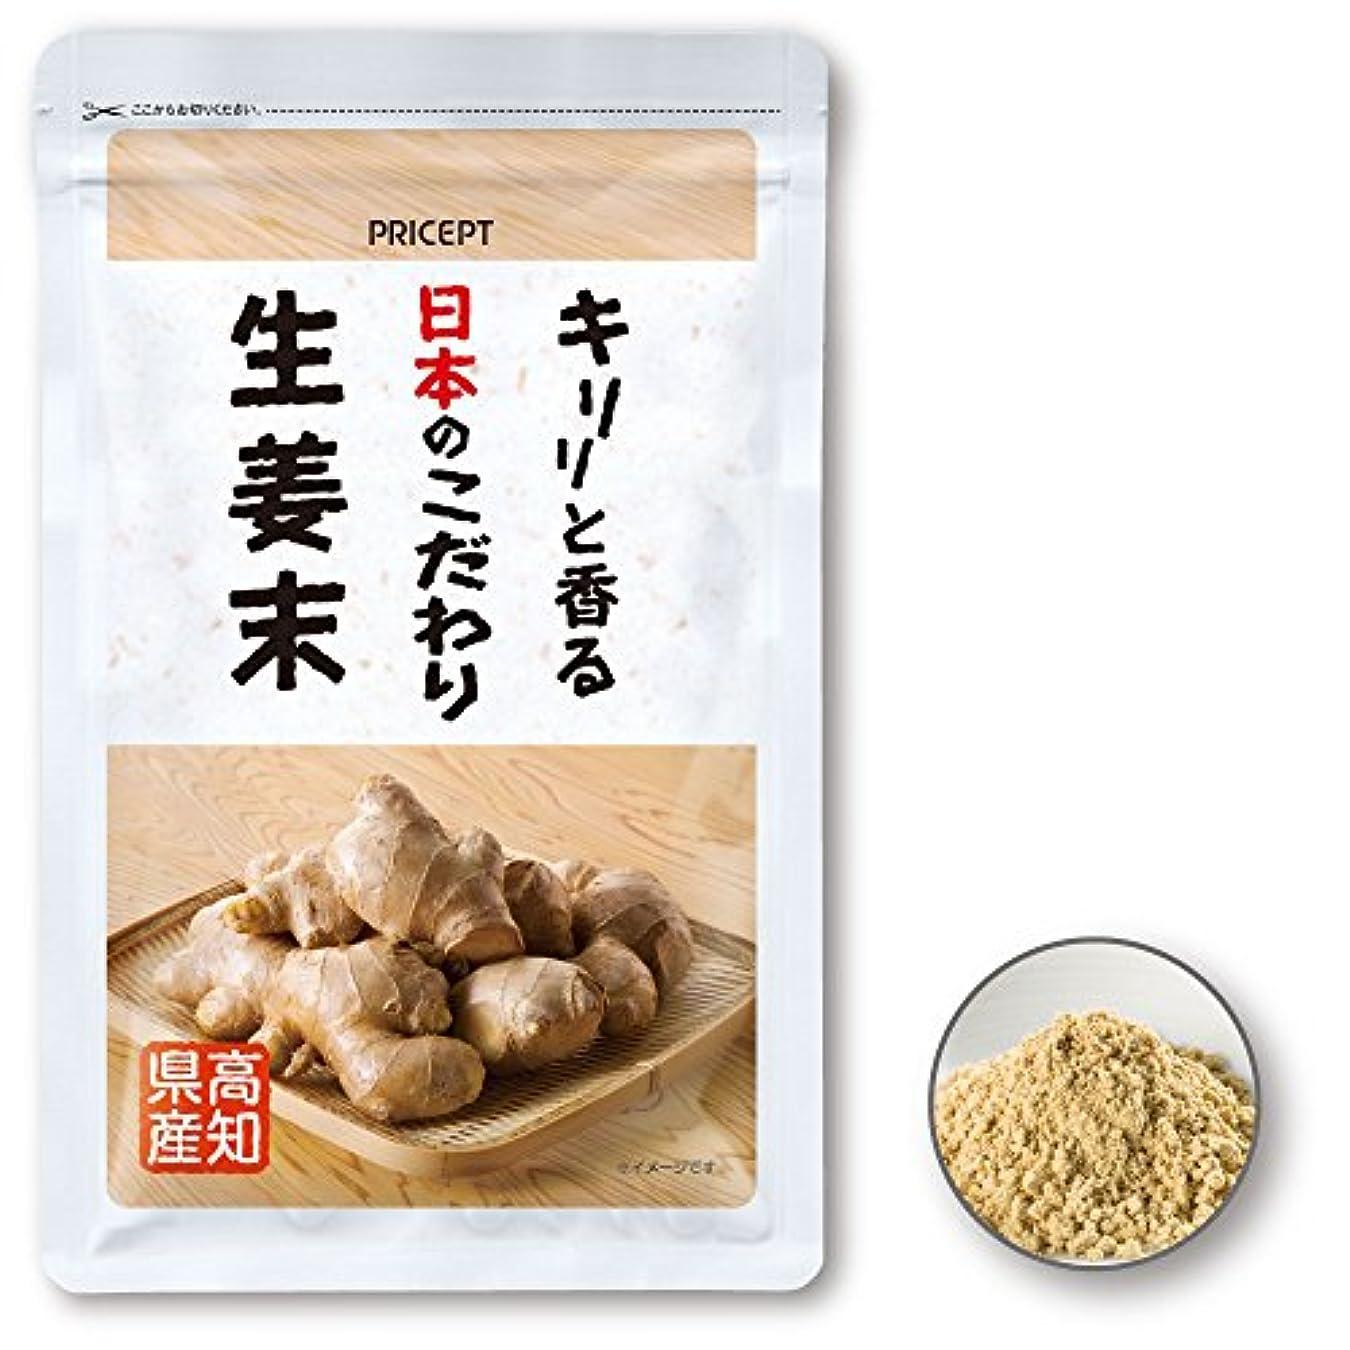 シーンレタッチ修正するプリセプト キリリと香る日本のこだわり生姜末 50g(単品)(高知県産しょうが粉末)